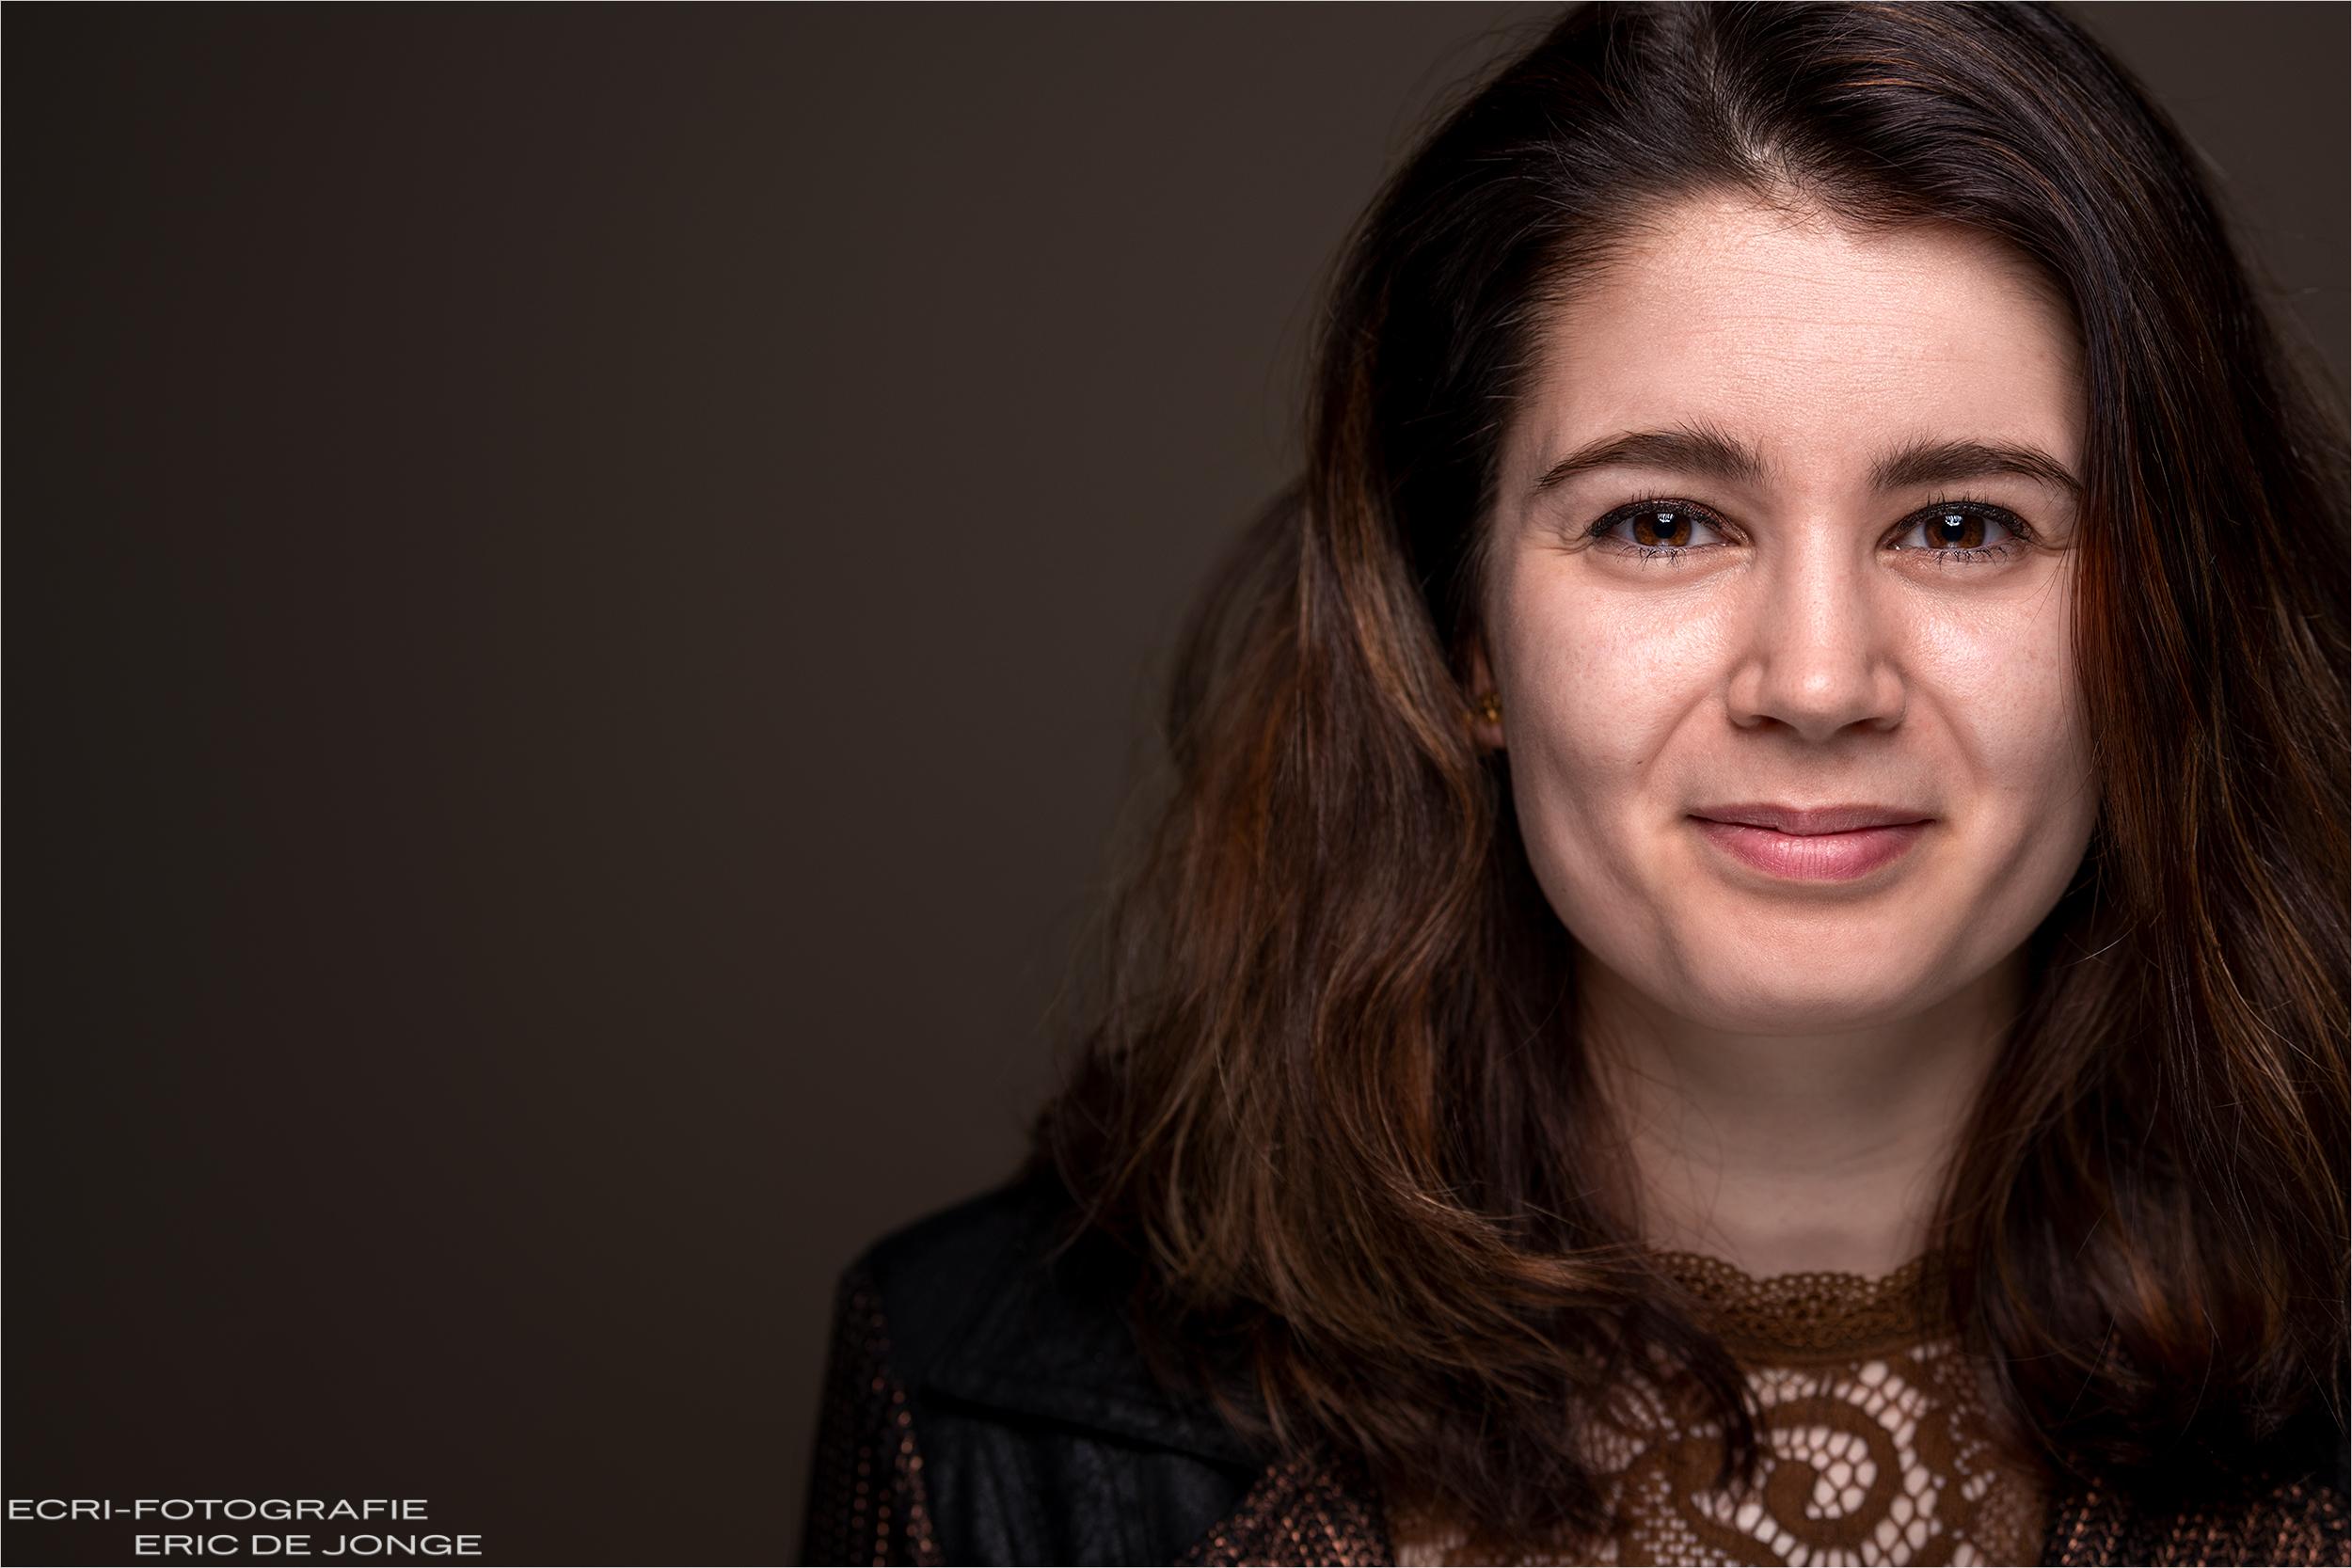 portretfotografie, ecri-fotografie.nl, Eric de Jonge, LinkedIn